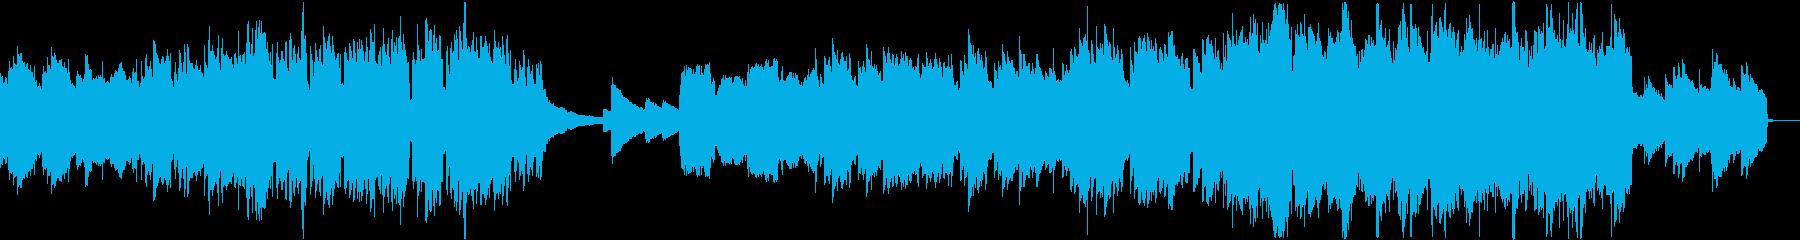 幸せな日常のように明るい印象のエレピの曲の再生済みの波形